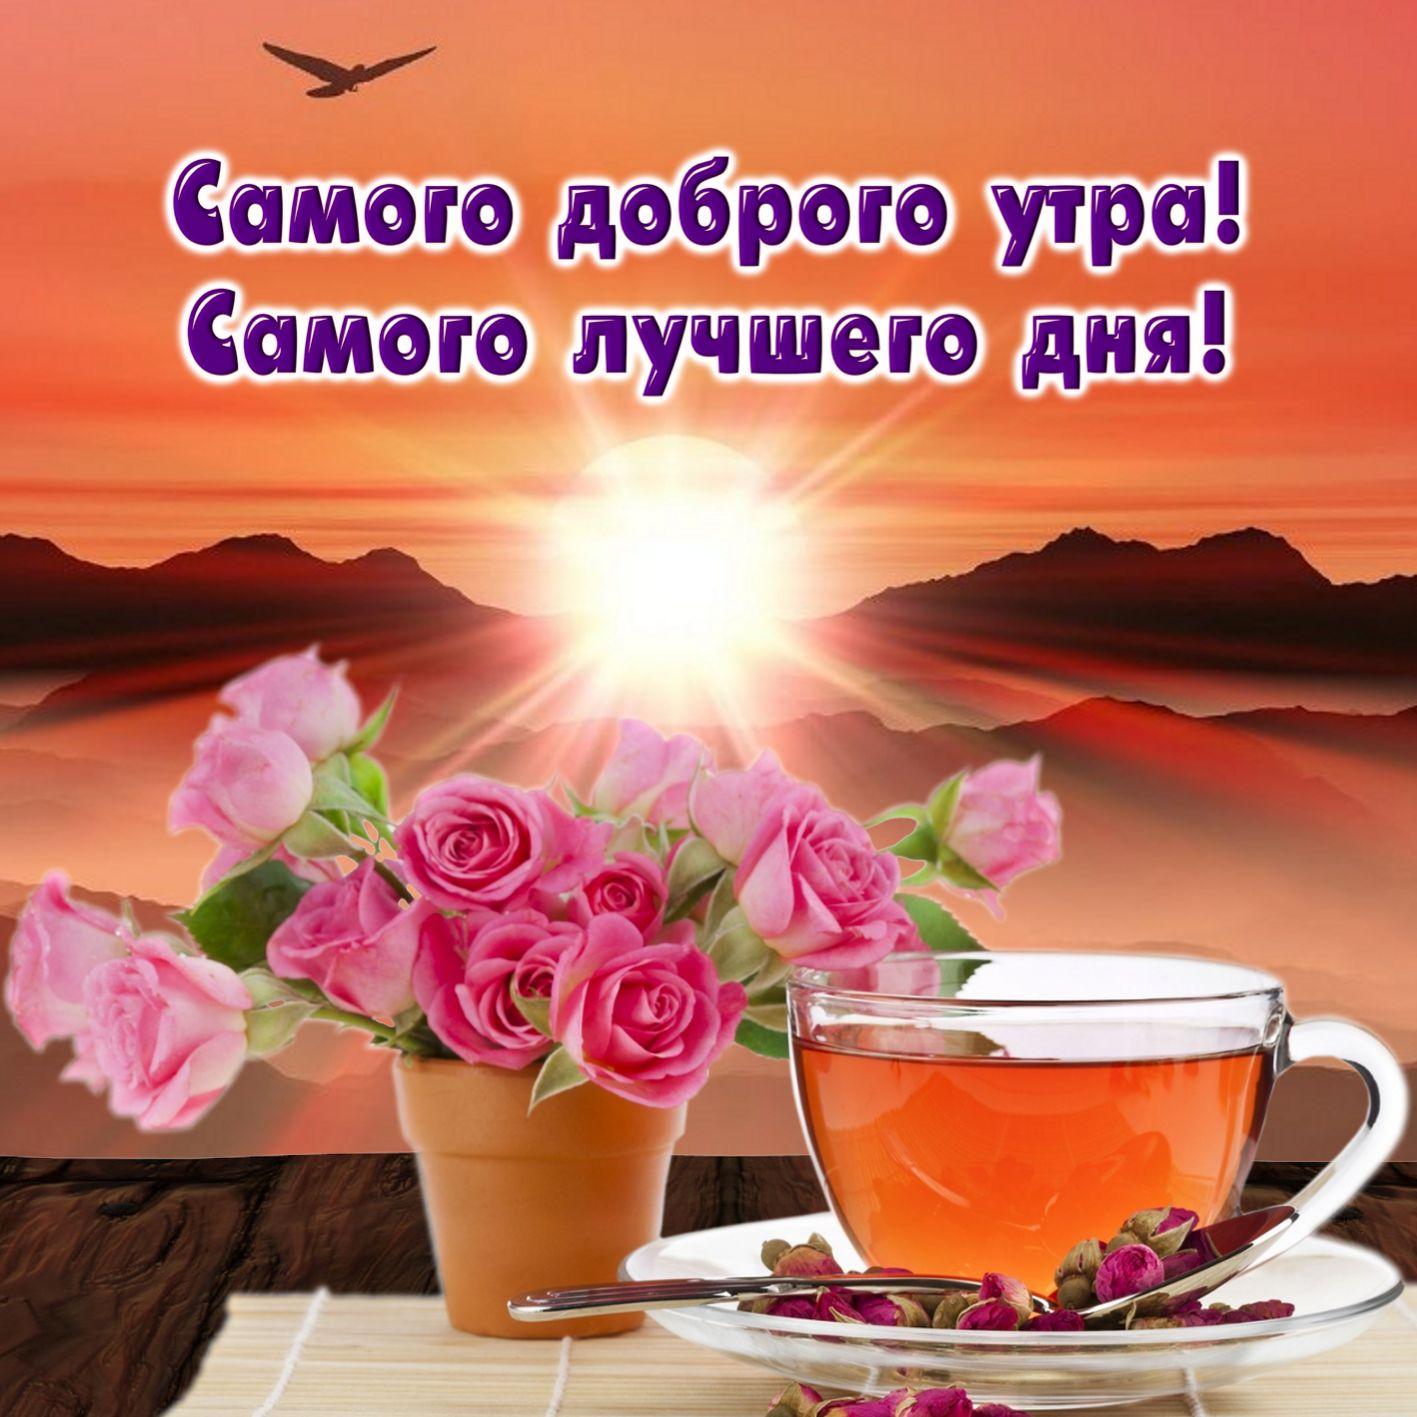 Открытки, картинки доброе утро и пожелания хорошего дня